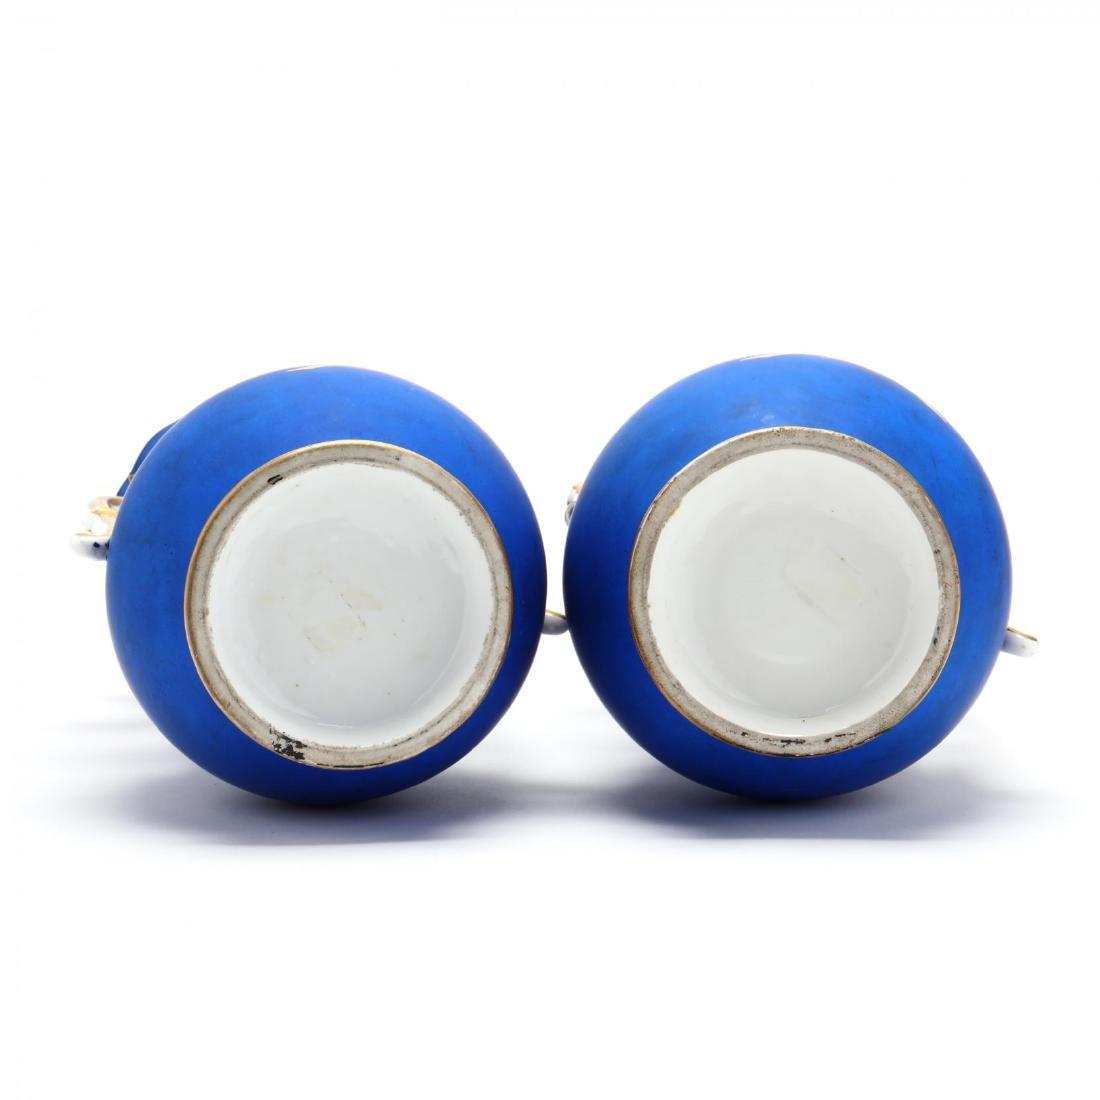 Pair of Paris Porcelain Matte Blue Mantel Urns - 7